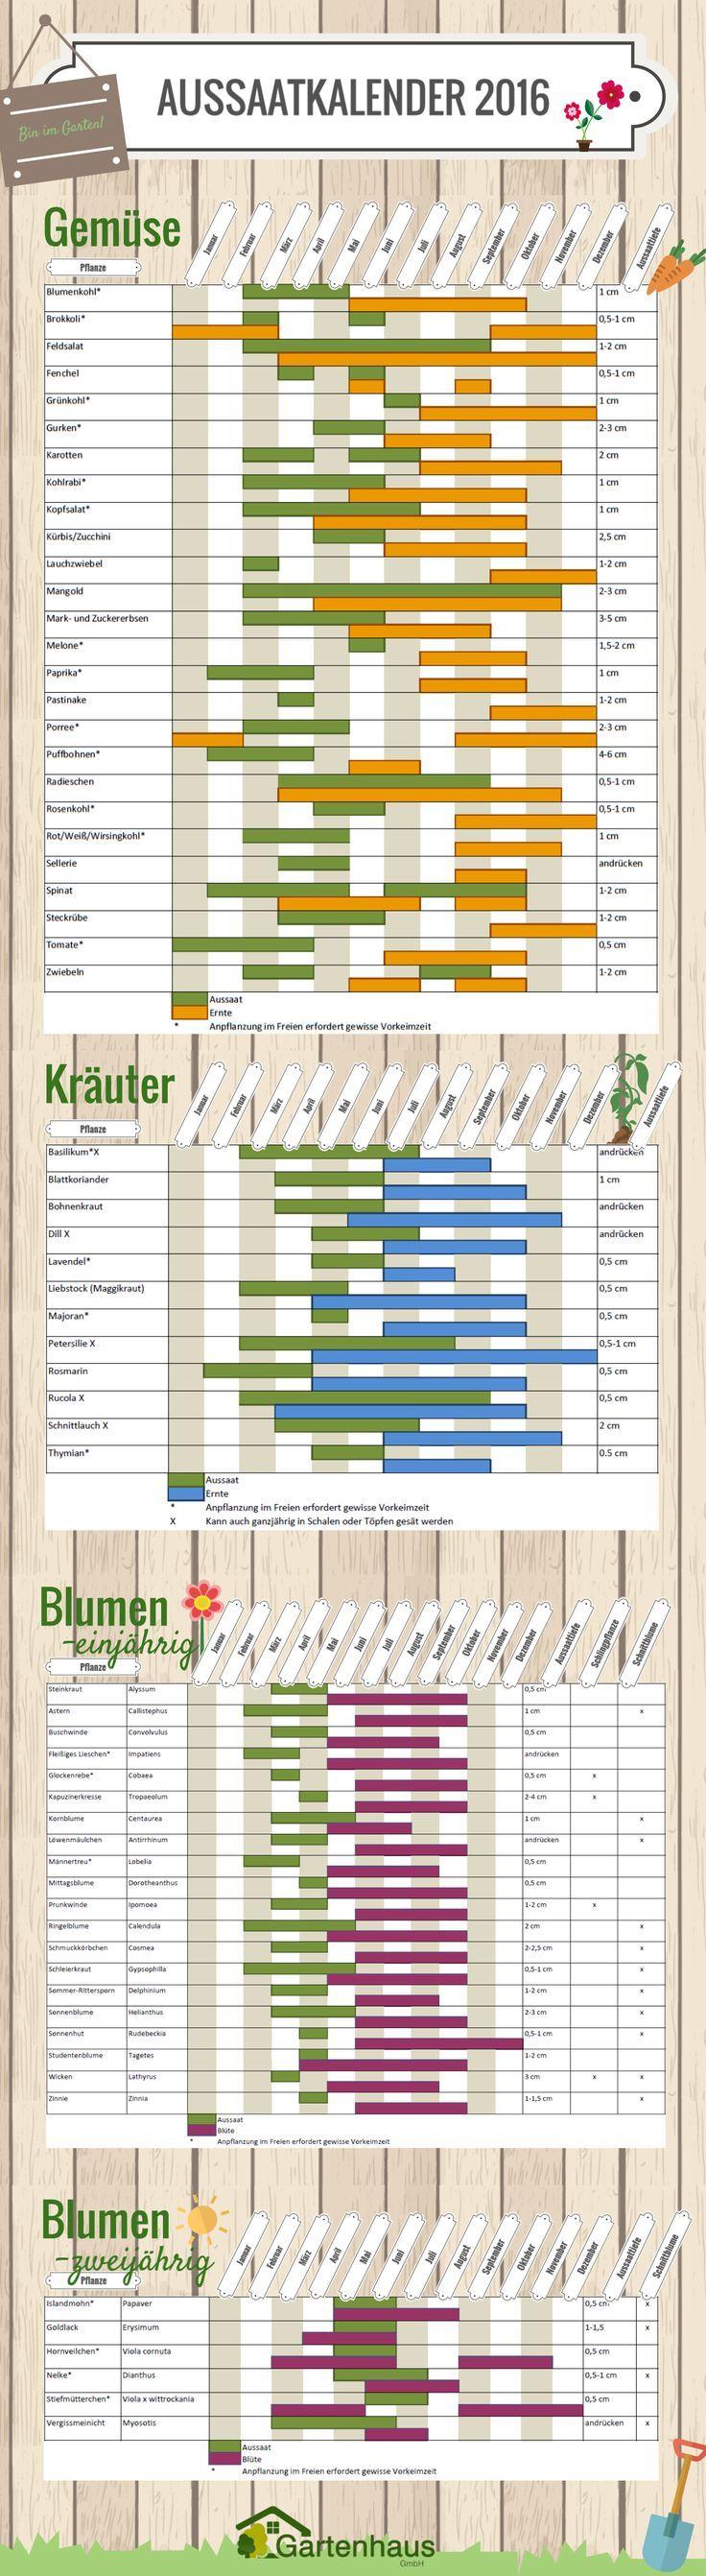 Wir hoffen, dass dieser Aussaatkalender Ihnen im Jahr 2016 einen wild sprießenden Garten in jeder Jahreszeit bescheren wird. Damit Sie in jedem Monat auf Aussaat und Ernte vorbereitet sind, drucken Sie sich doch den Kalender aus und hängen ihn sich in das Gartenhäuschen. Auf dass kein Samen ungepflanzt bleibt! Aussaatkalender 2016 - Gartenhaus GmbH ähnliche tolle Projekte und Ideen wie im Bild vorgestellt findest du auch in unserem Magazin . Wir freuen uns auf deinen Besuch. Liebe Grüße